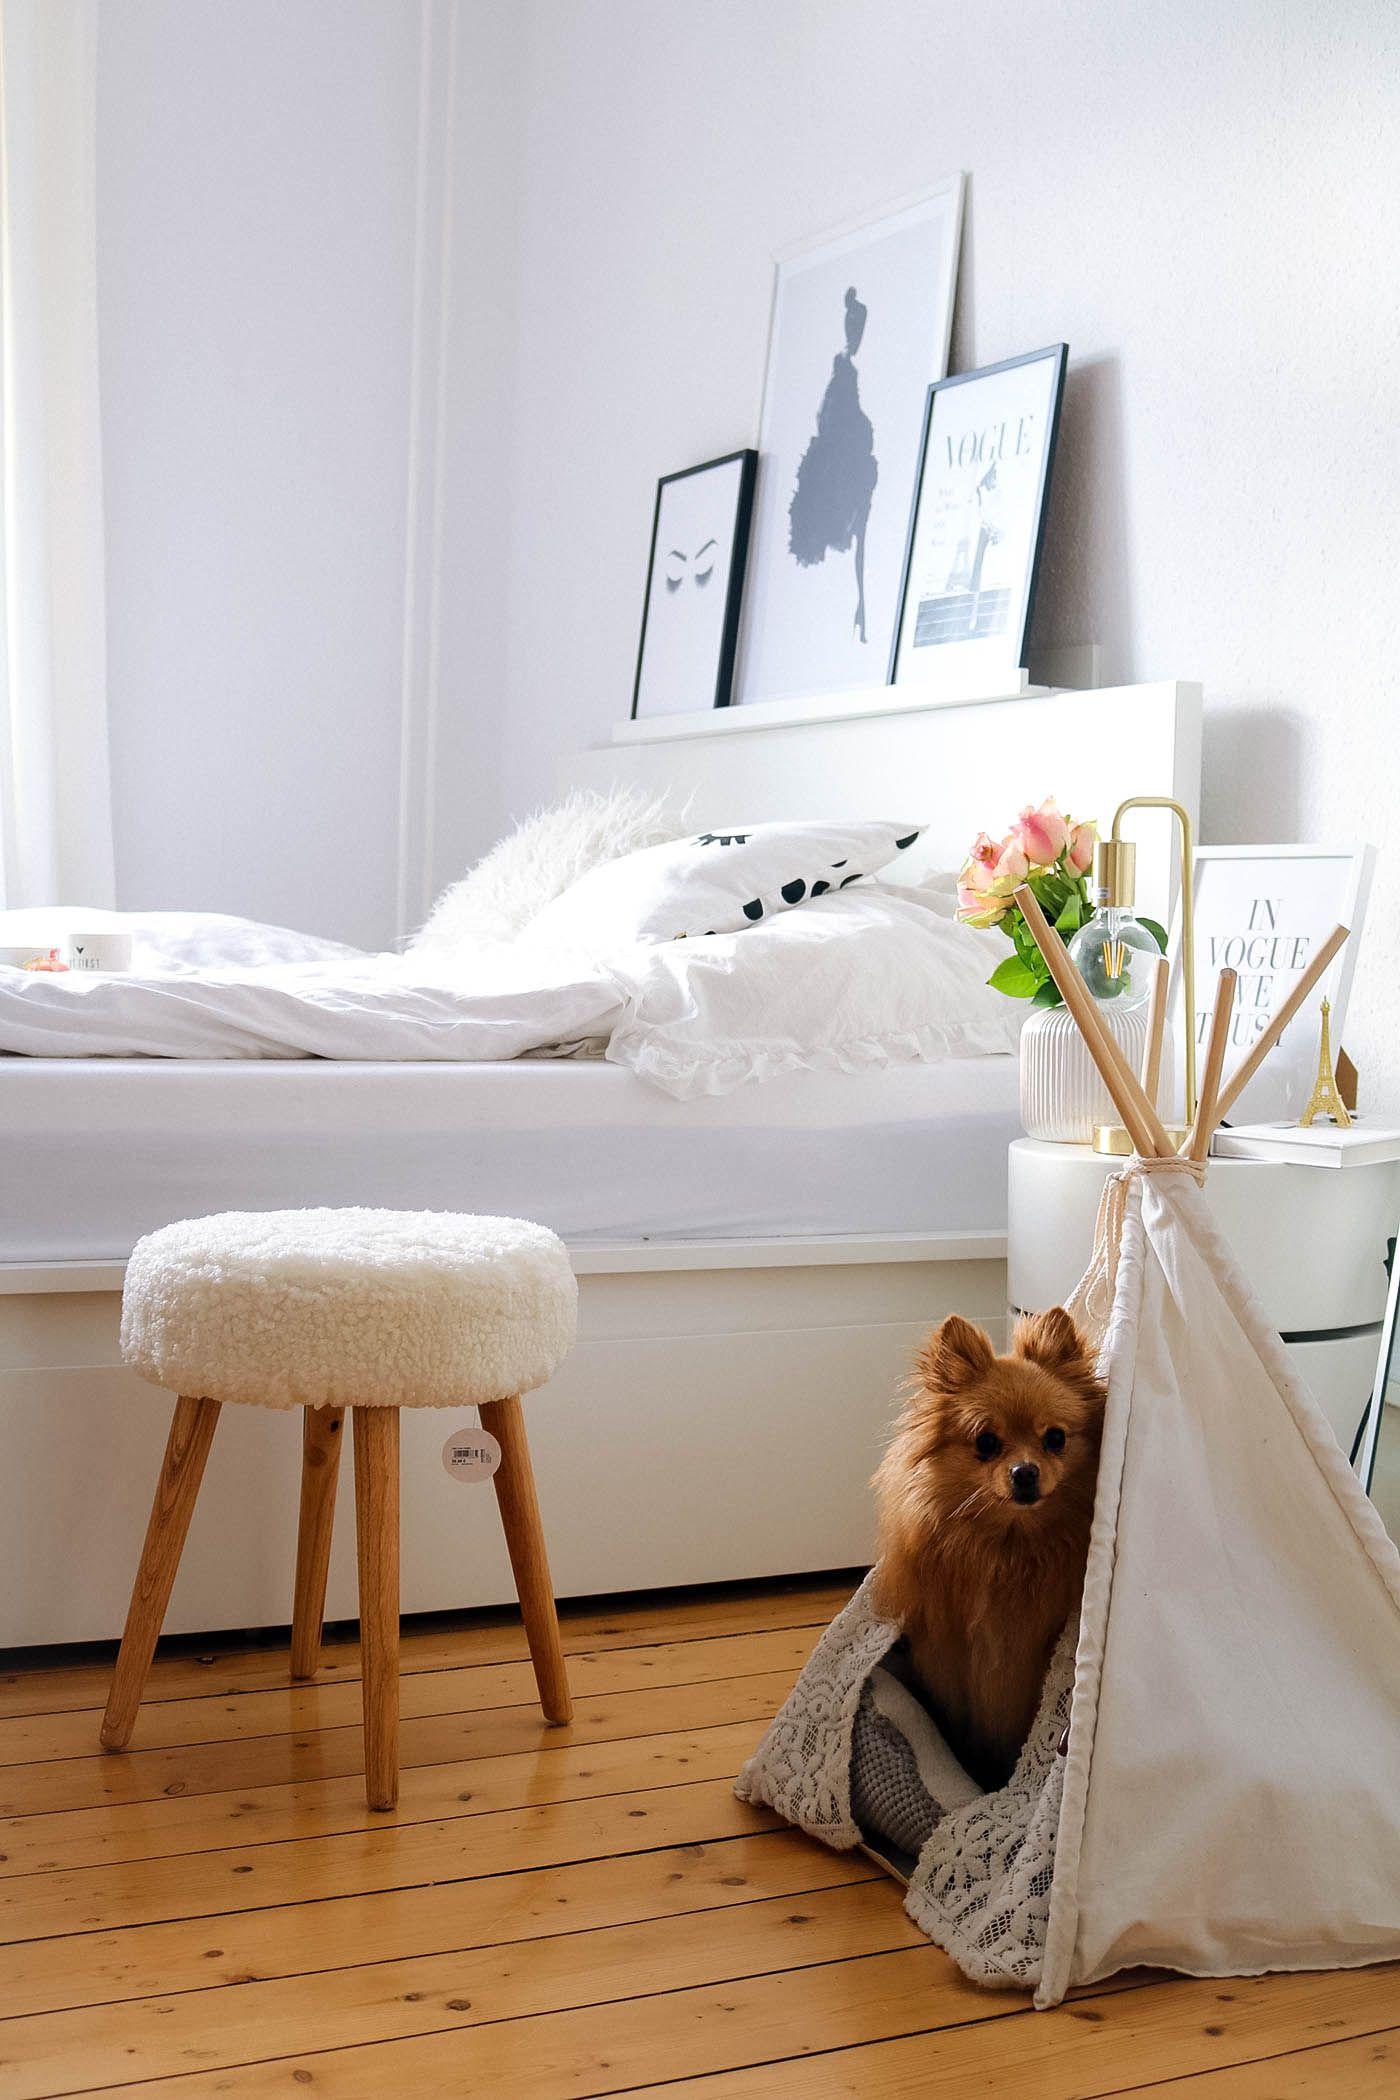 SchlafzimmerInspo und wie es sich auf der Emma Matratze